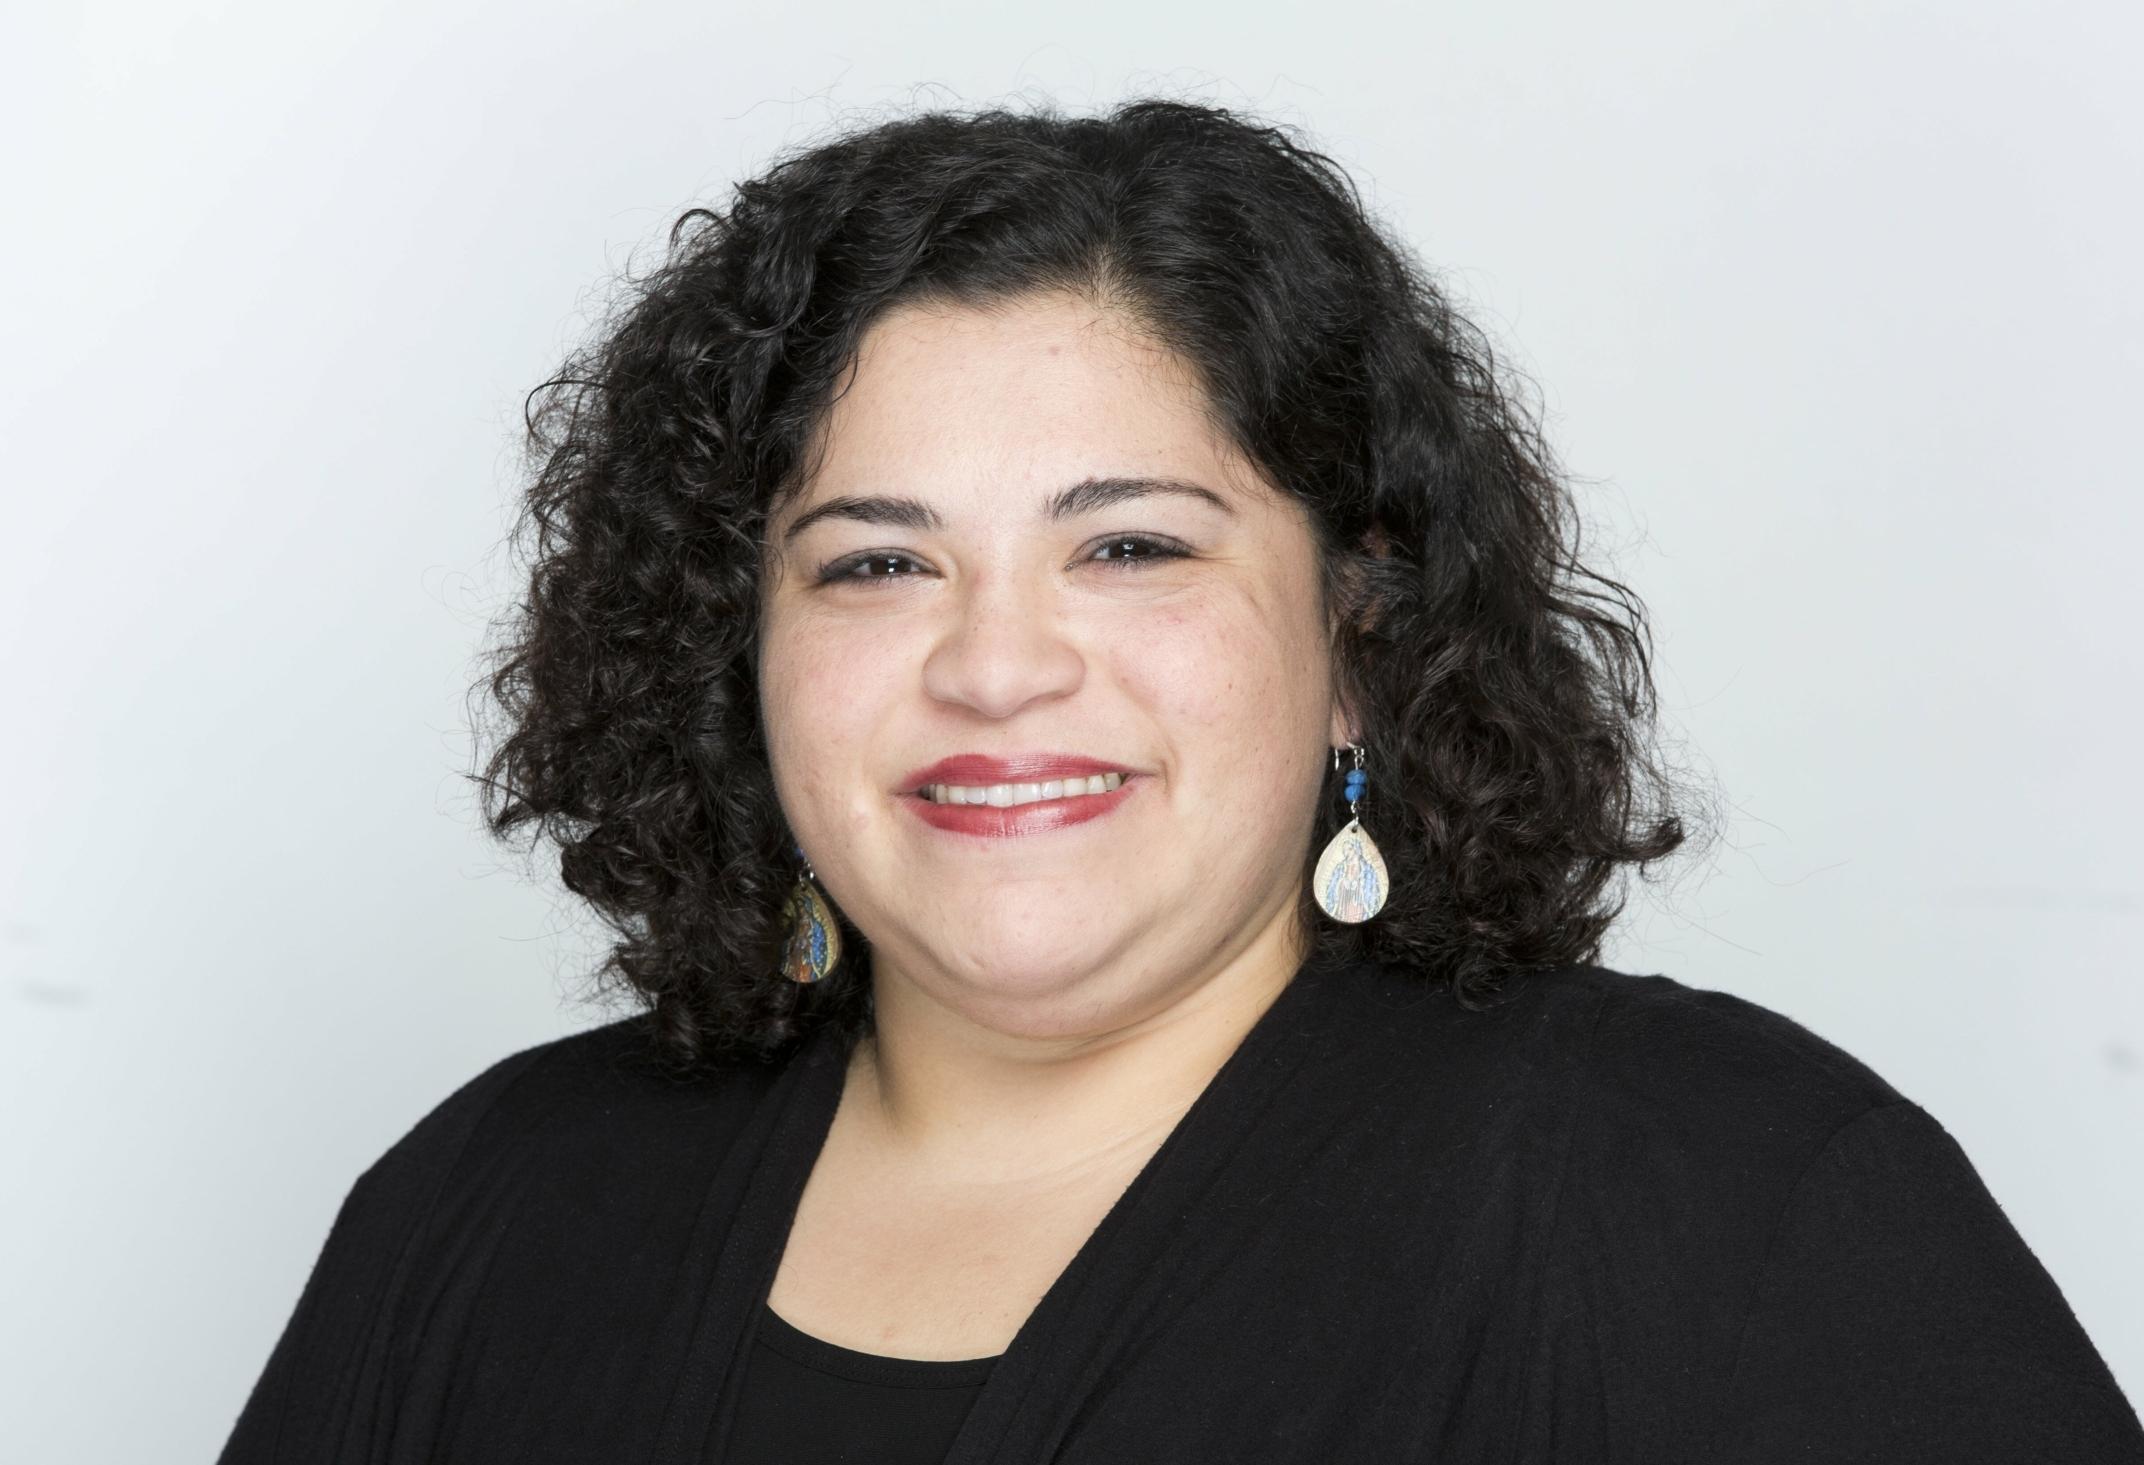 Lauren Guerra